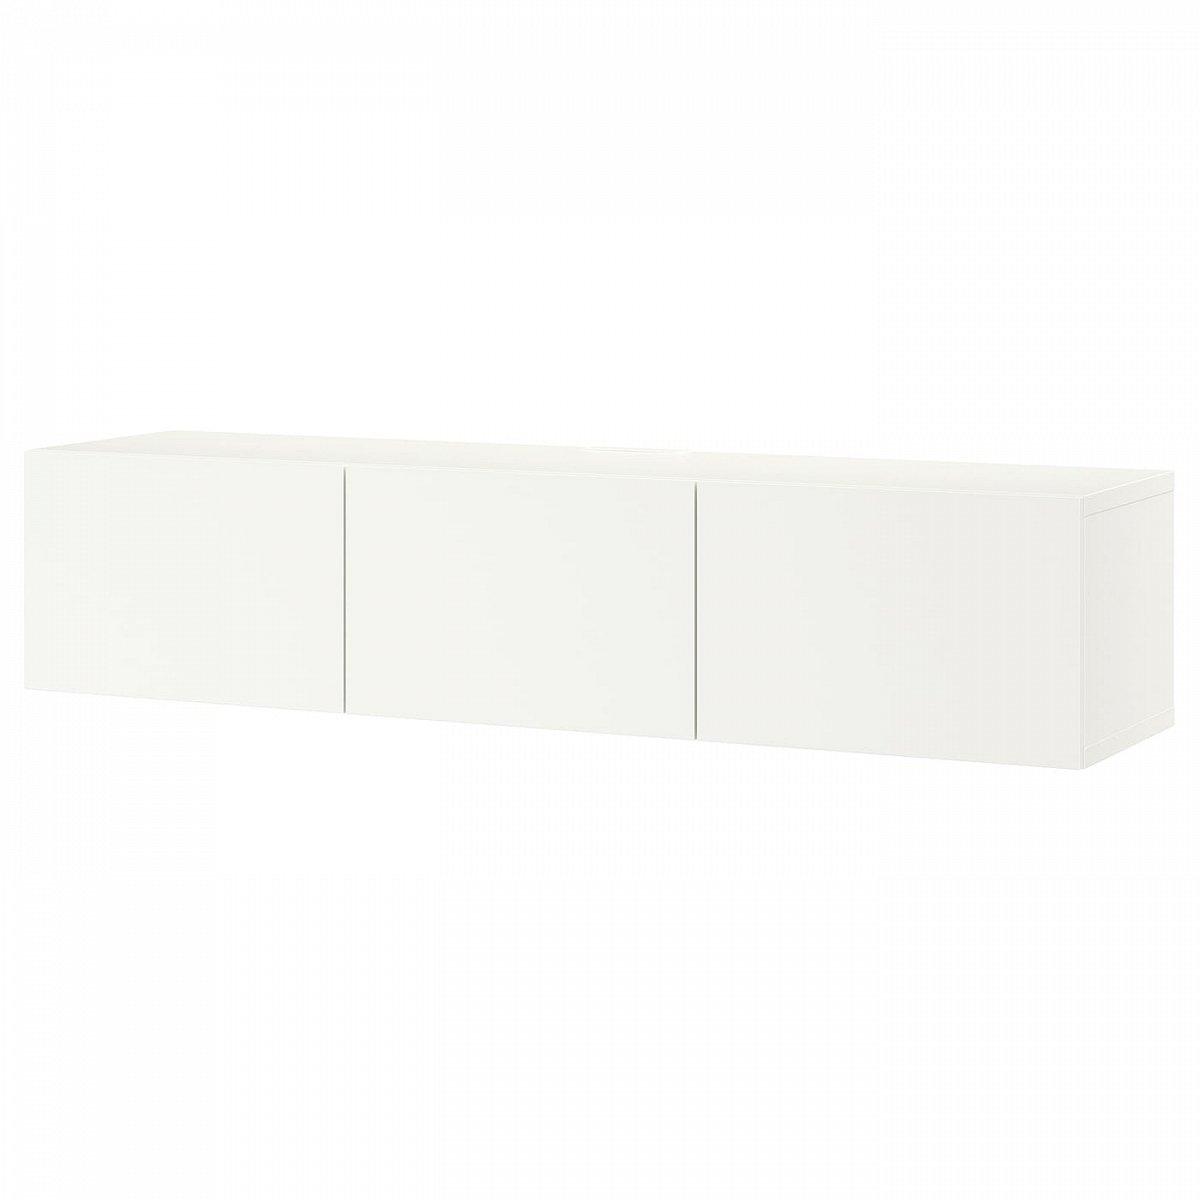 БЕСТО, Тумба под тв, с дверцами, белый/Лаппвикен белый, 180x42x38 см - фото 1